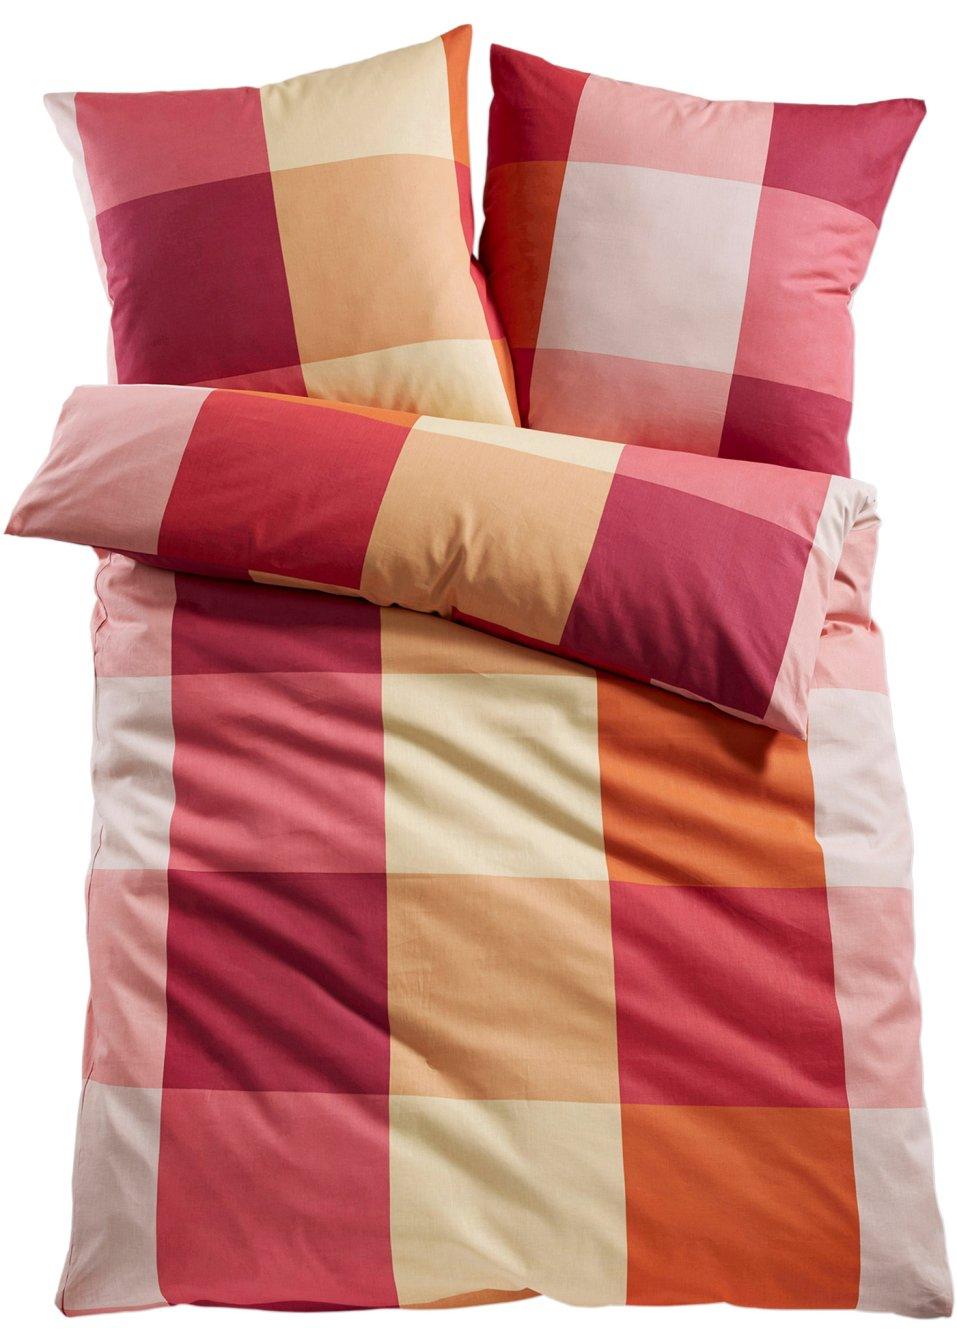 ein toller hingucker die bettw sche nizza mit gro em. Black Bedroom Furniture Sets. Home Design Ideas